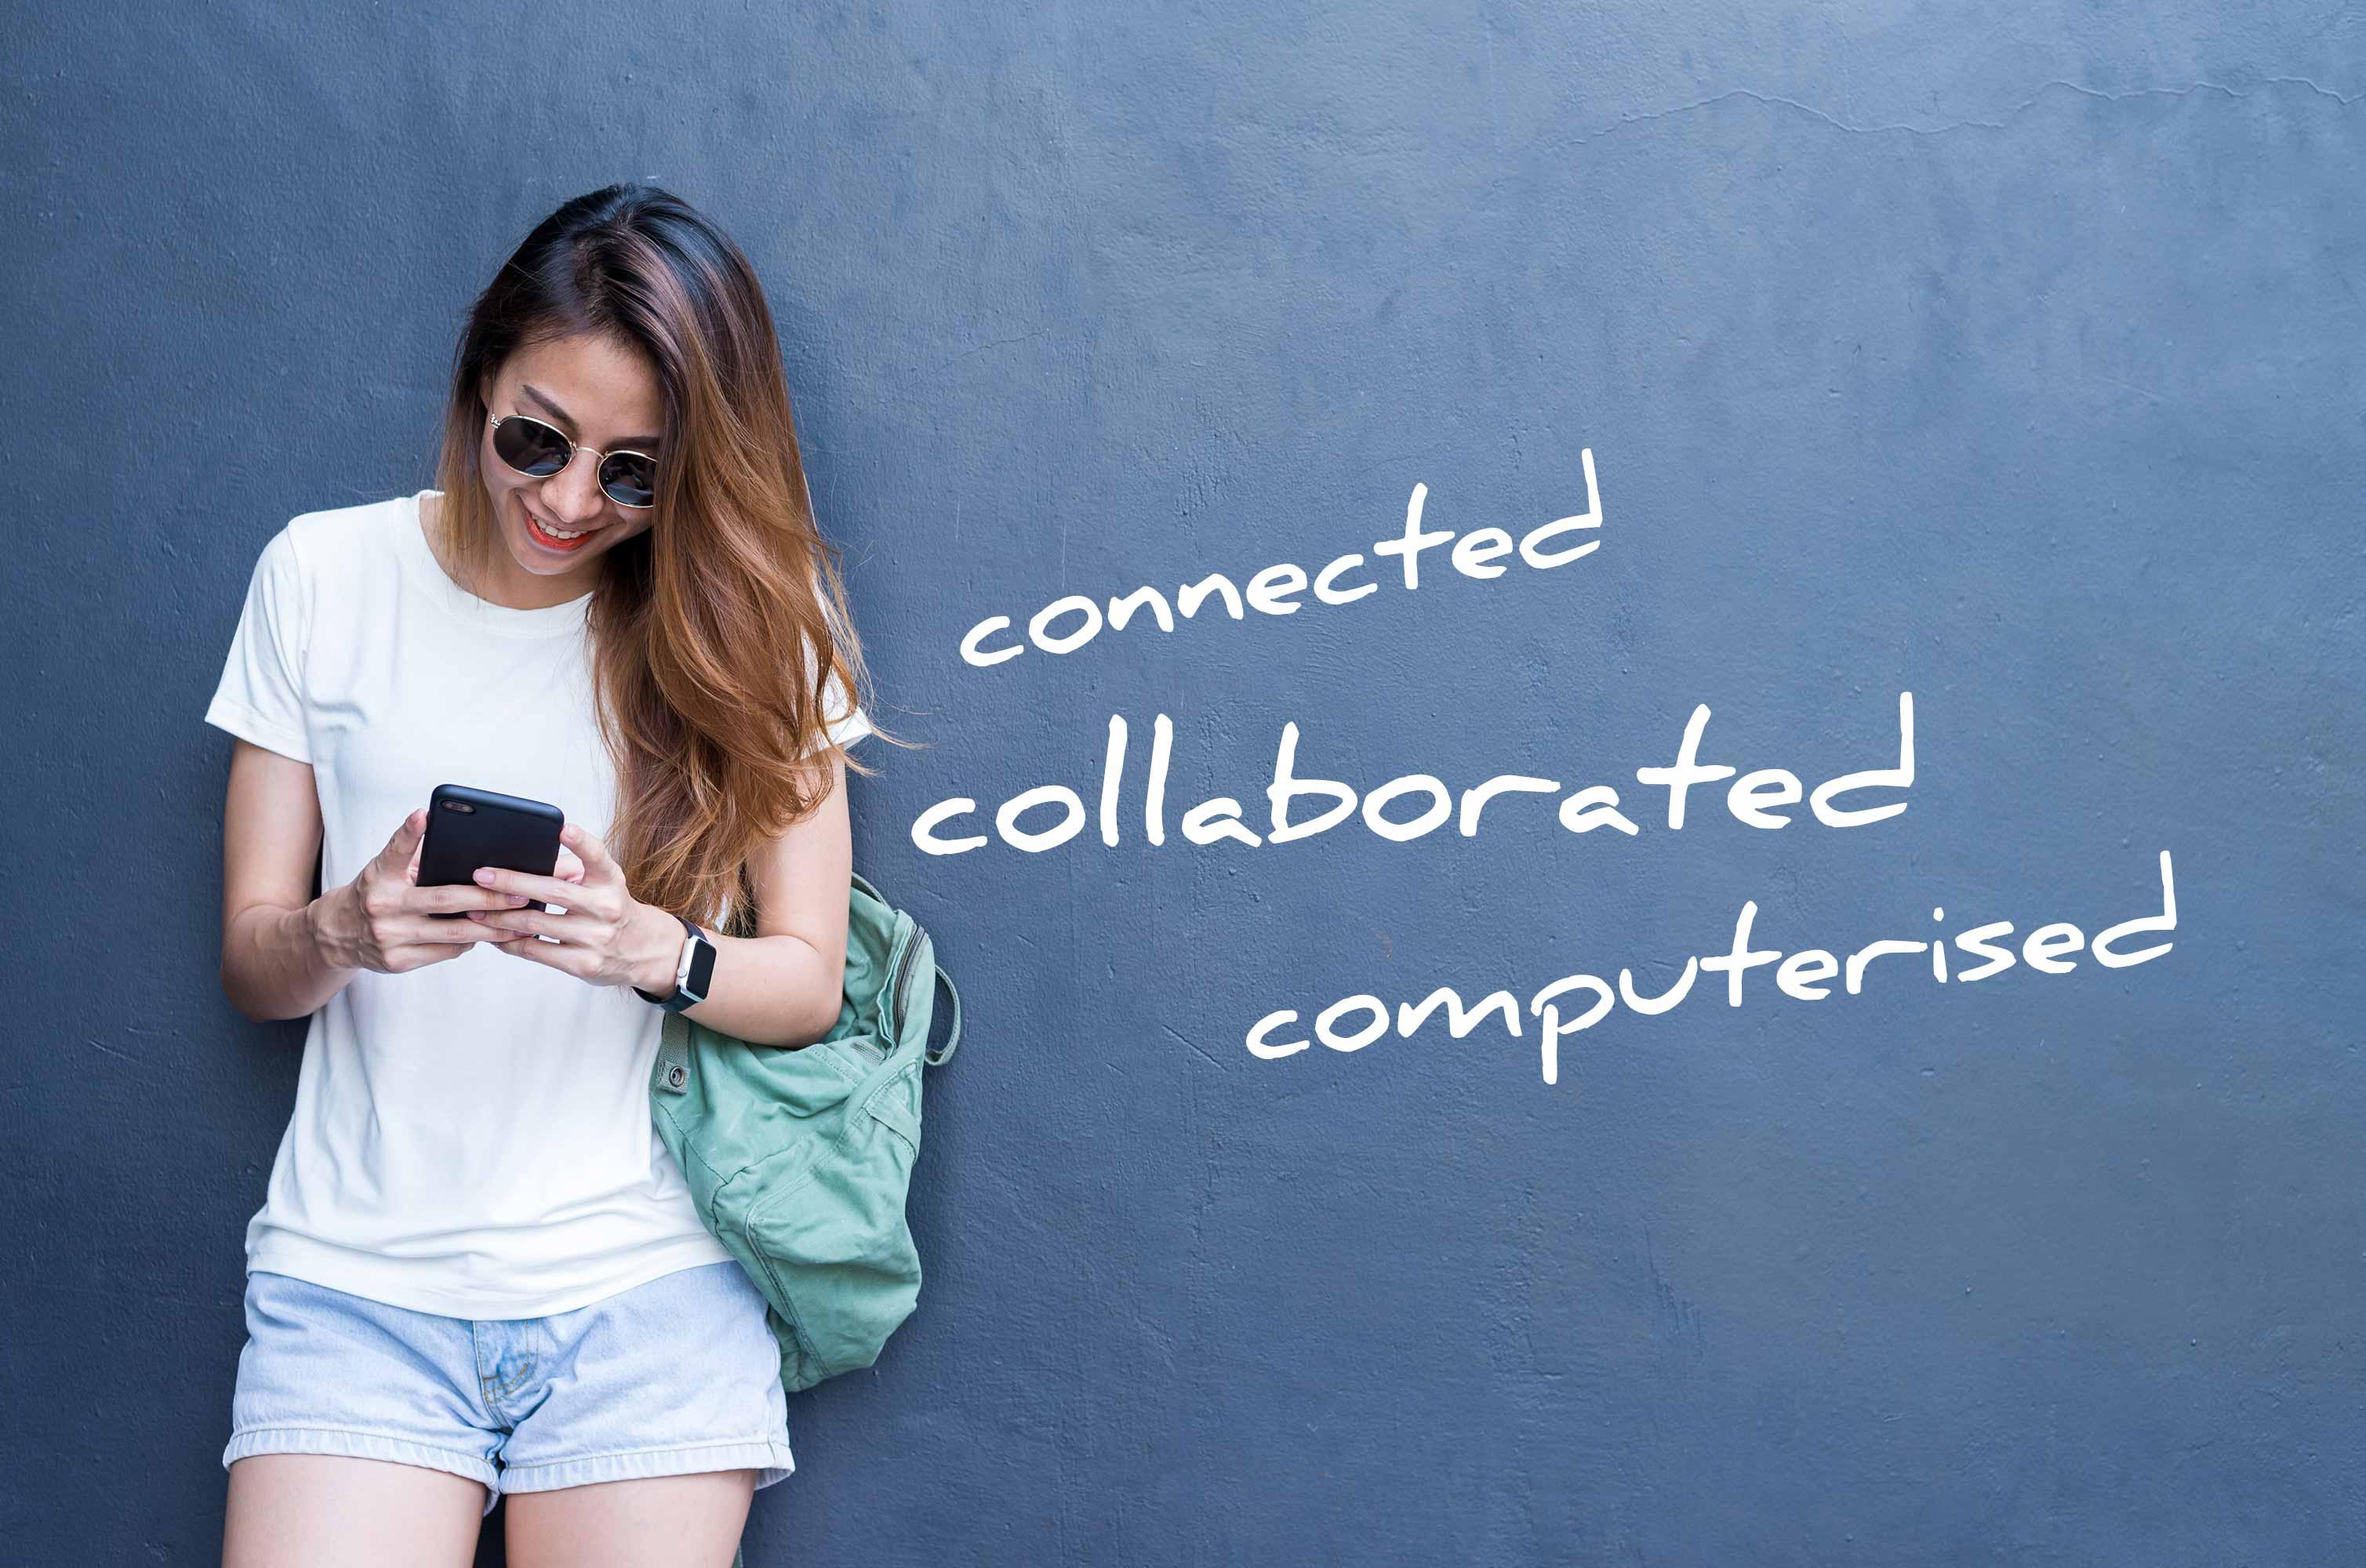 Jugendliches Mädchen steht an die Wand gelehnt mit dem Smartphone in der Hand